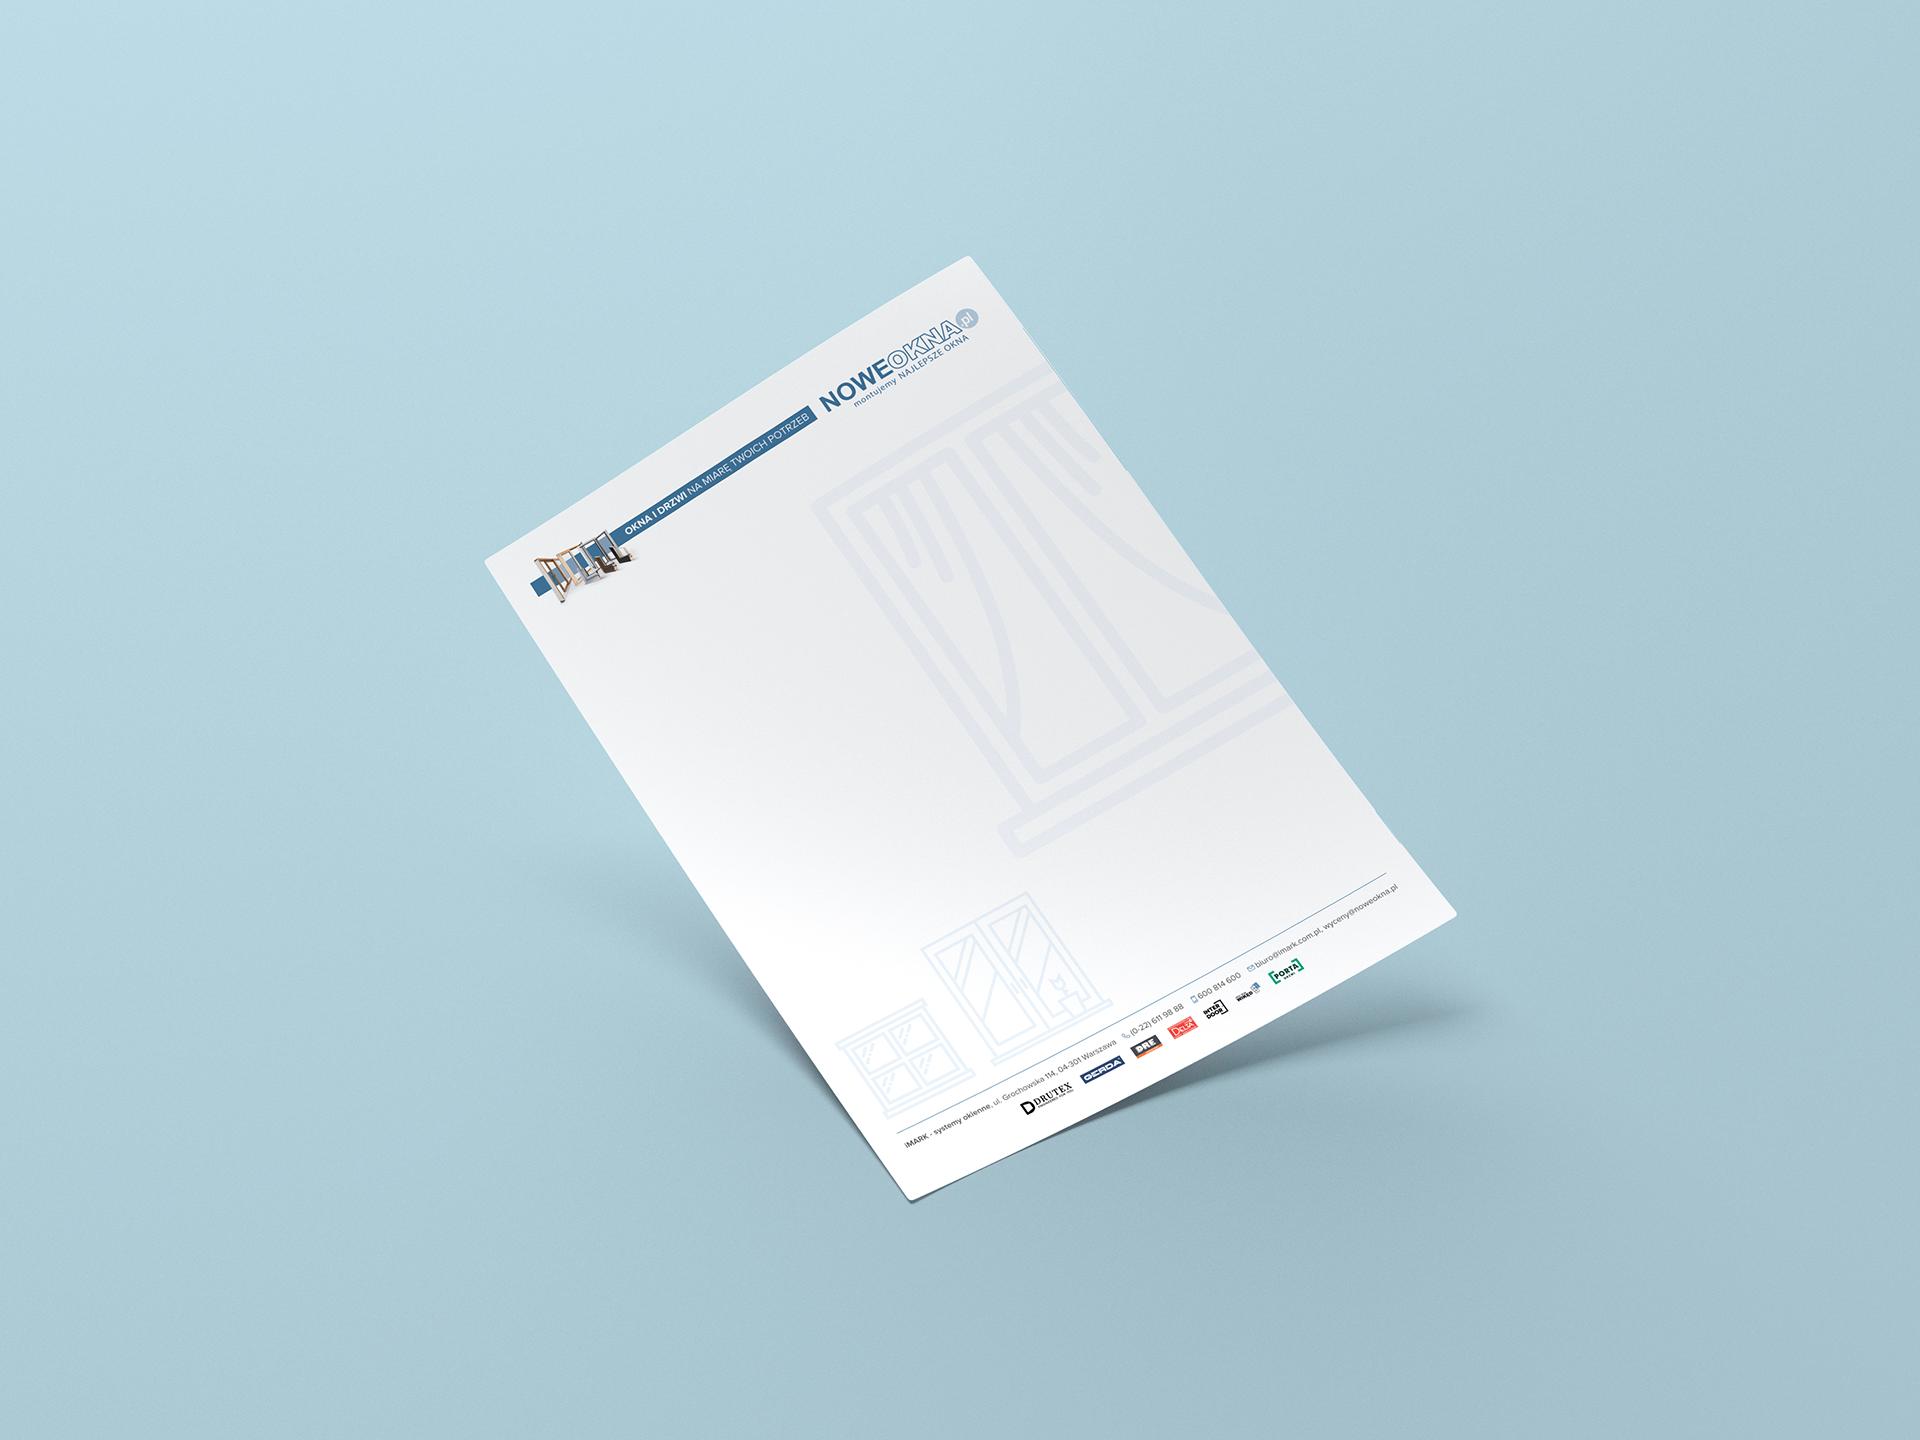 nowe-okna-pl-papier-firmowy